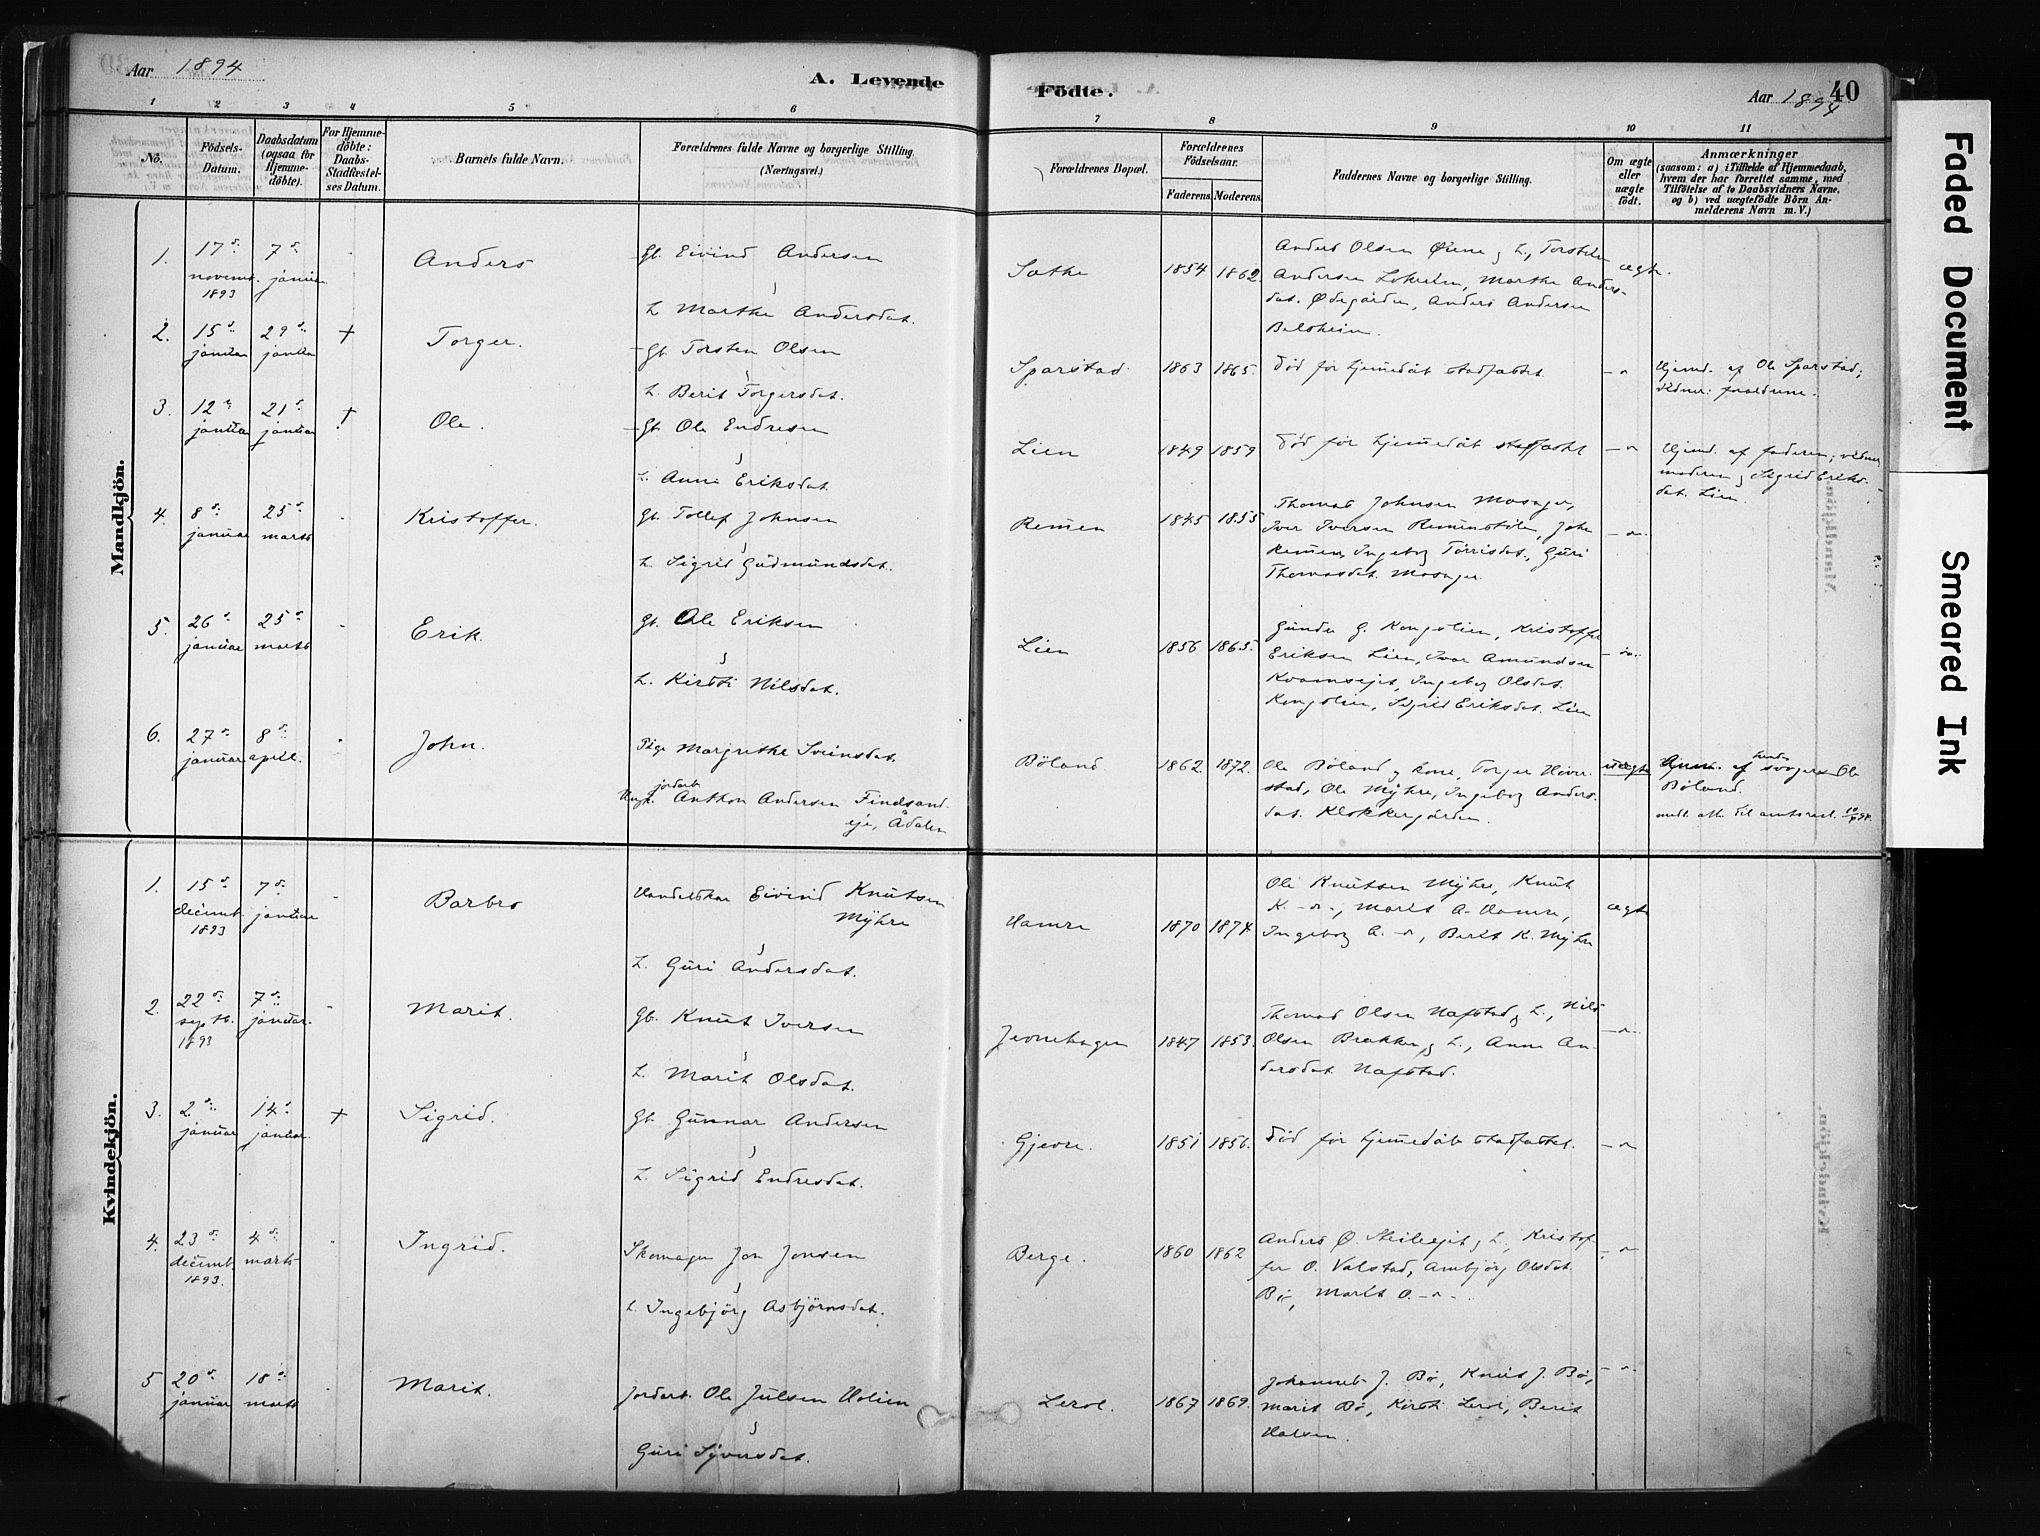 SAH, Vang prestekontor, Valdres, Ministerialbok nr. 8, 1882-1910, s. 40